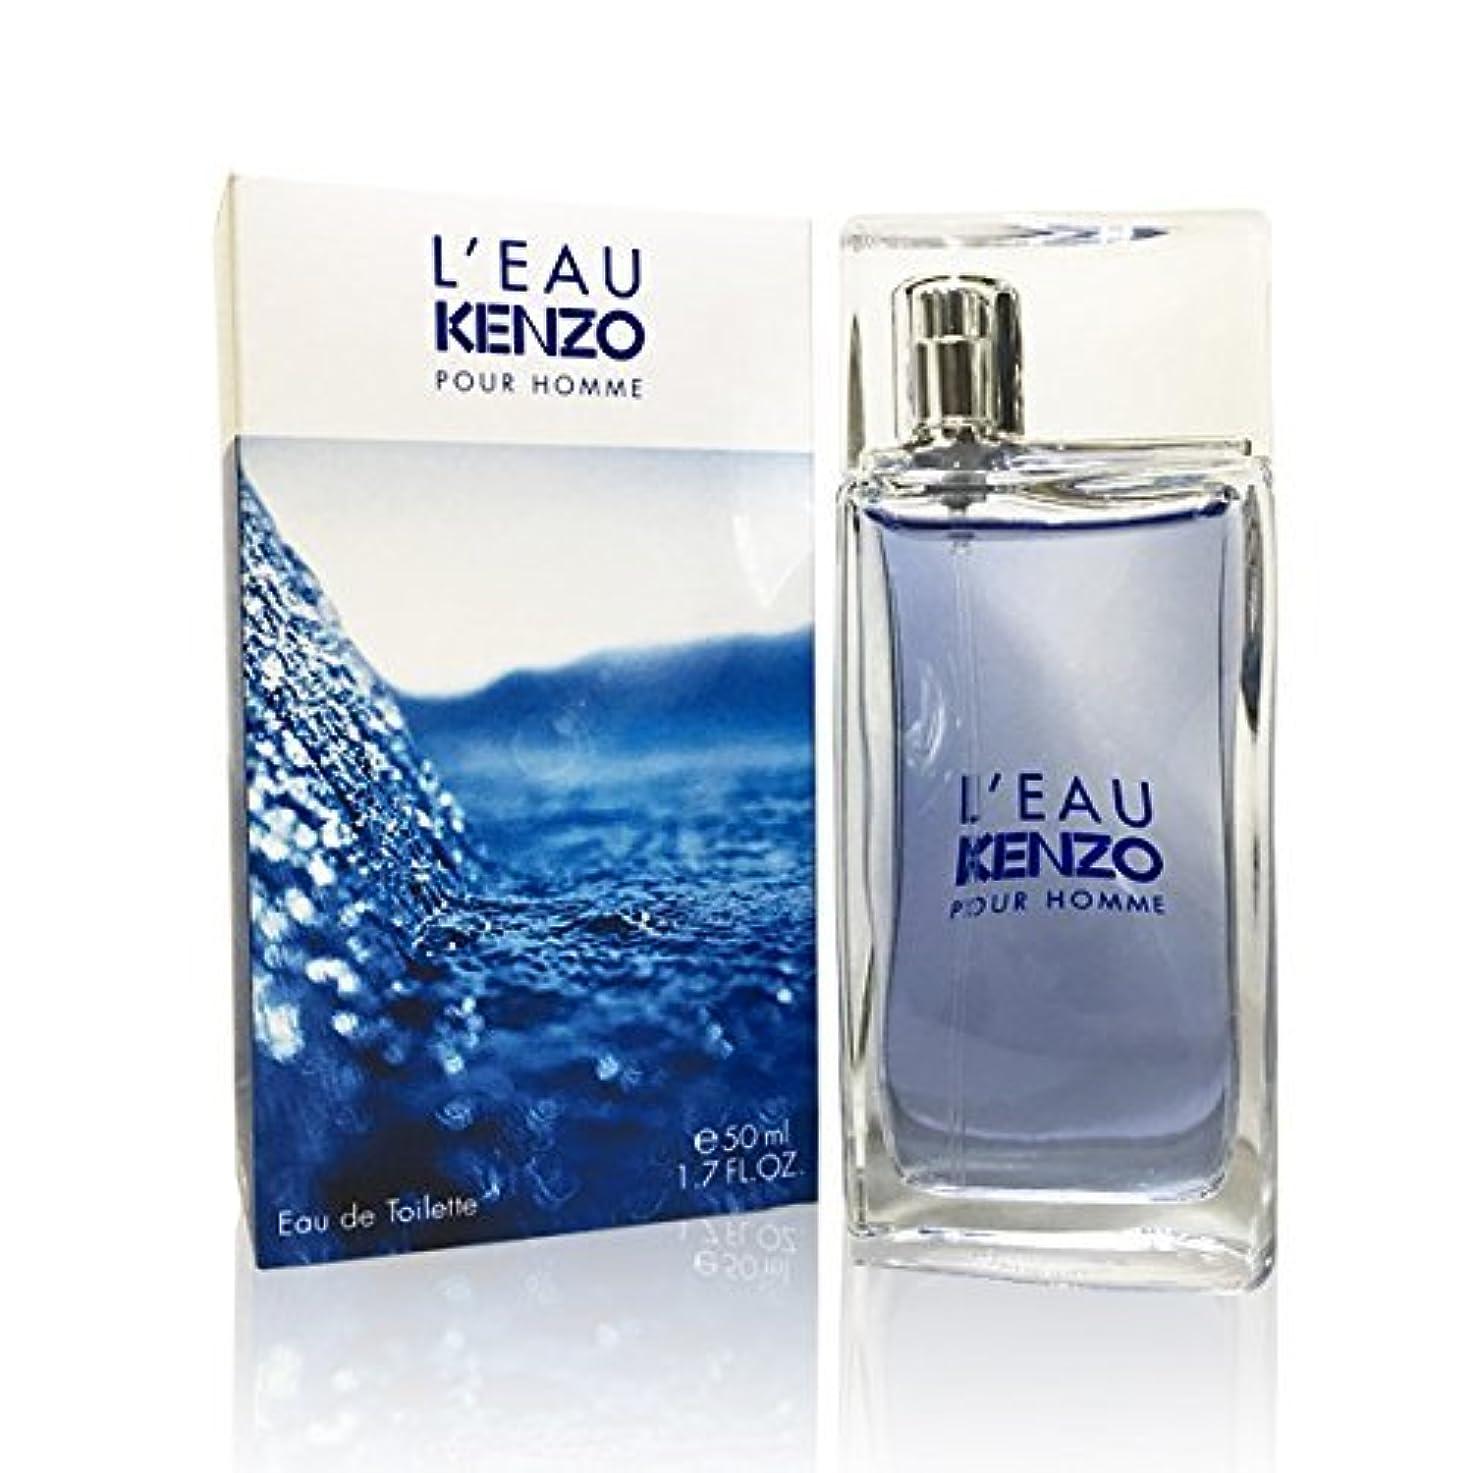 のりコンクリート見分ける【ケンゾー 香水】ローパ ケンゾー プールオム 100ML (新ボトル) 【並行輸入品】